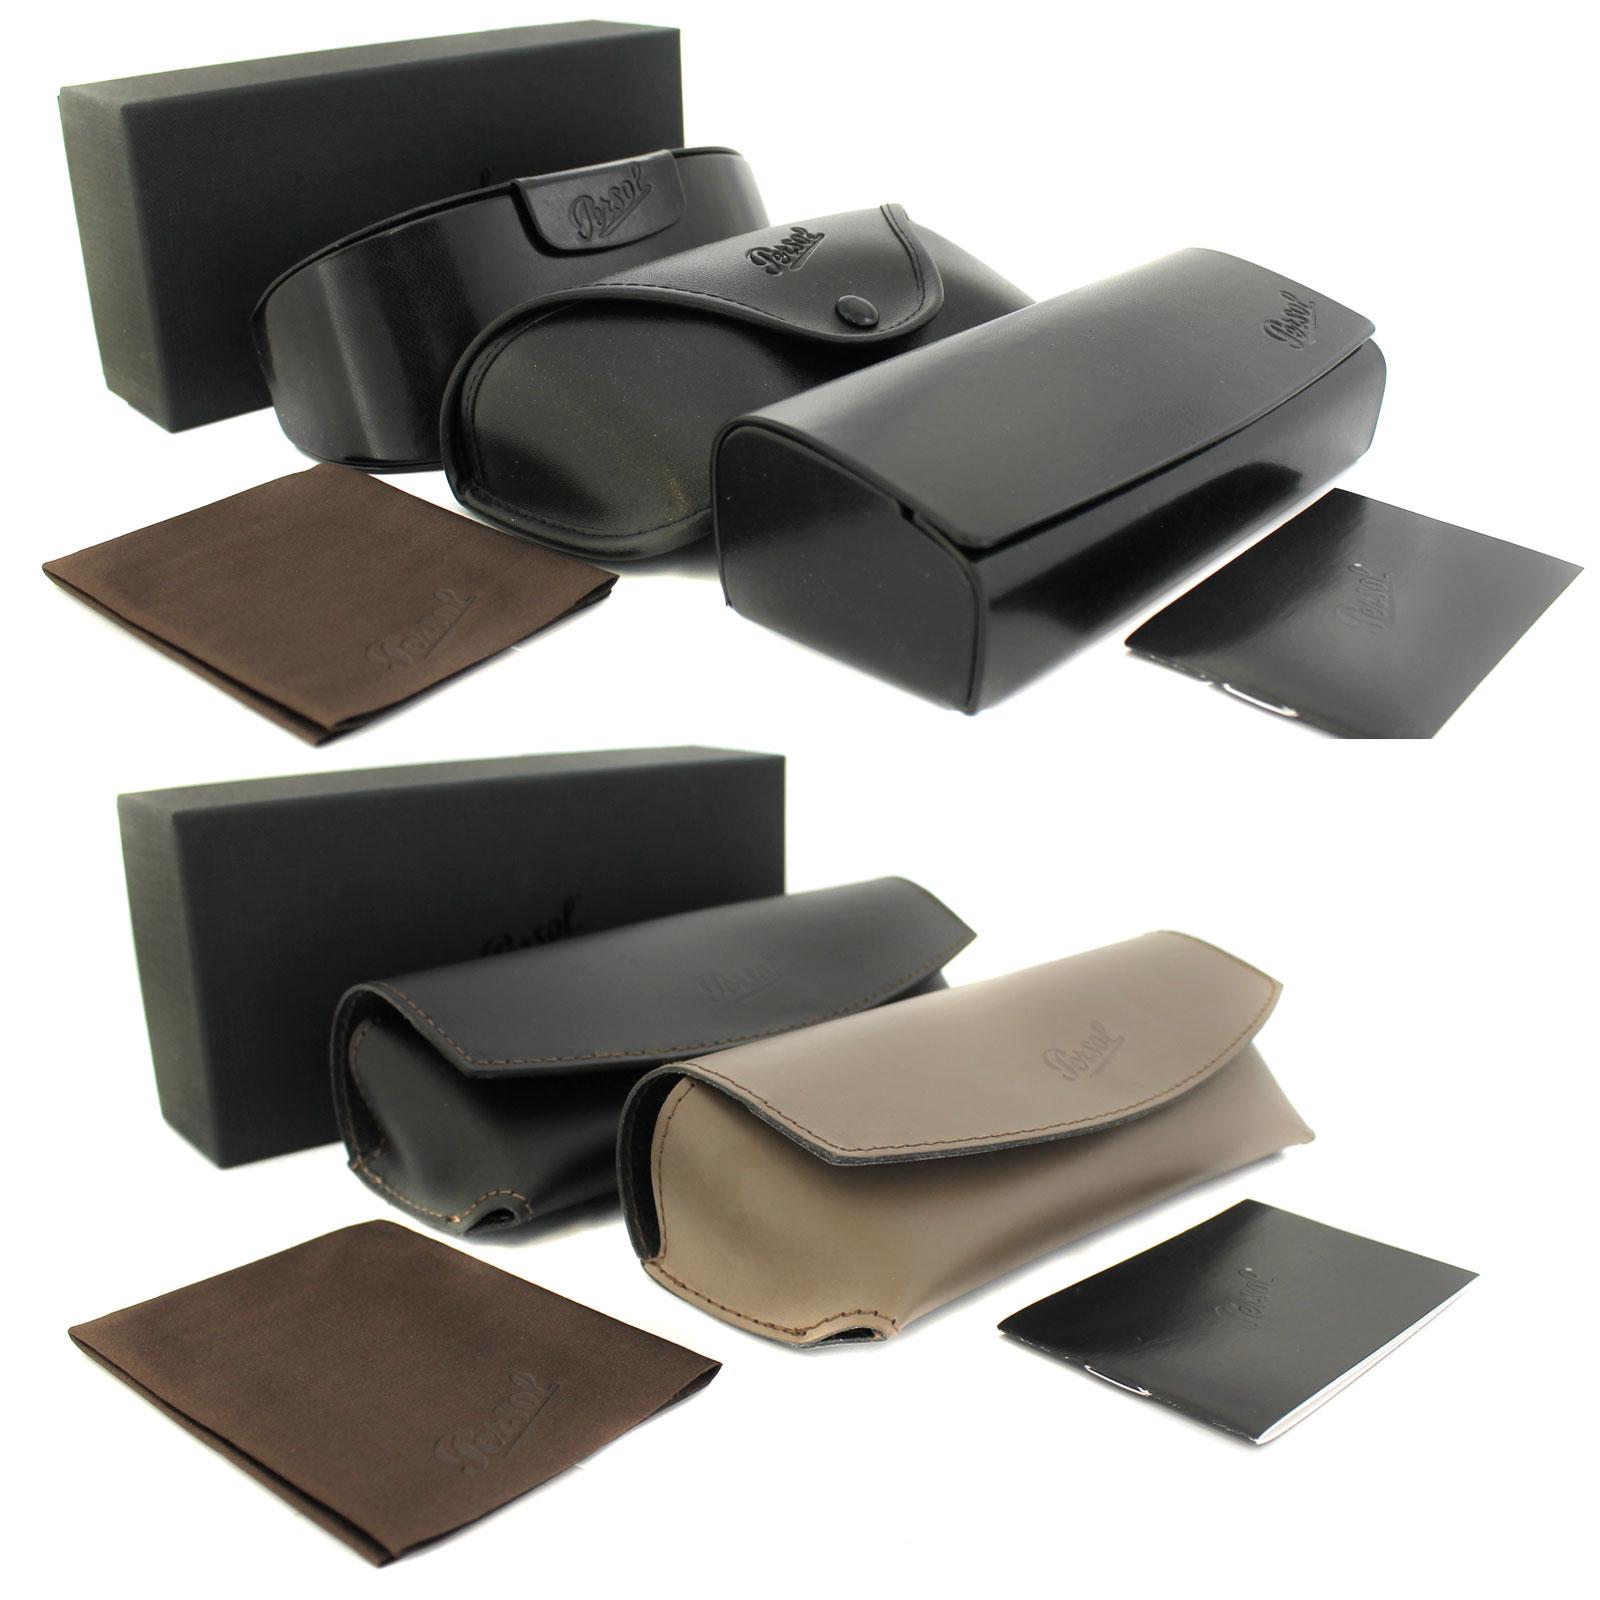 Persol Sunglasses Price List  persol sunglasses 3062 24 57 havana brown polarized ebay